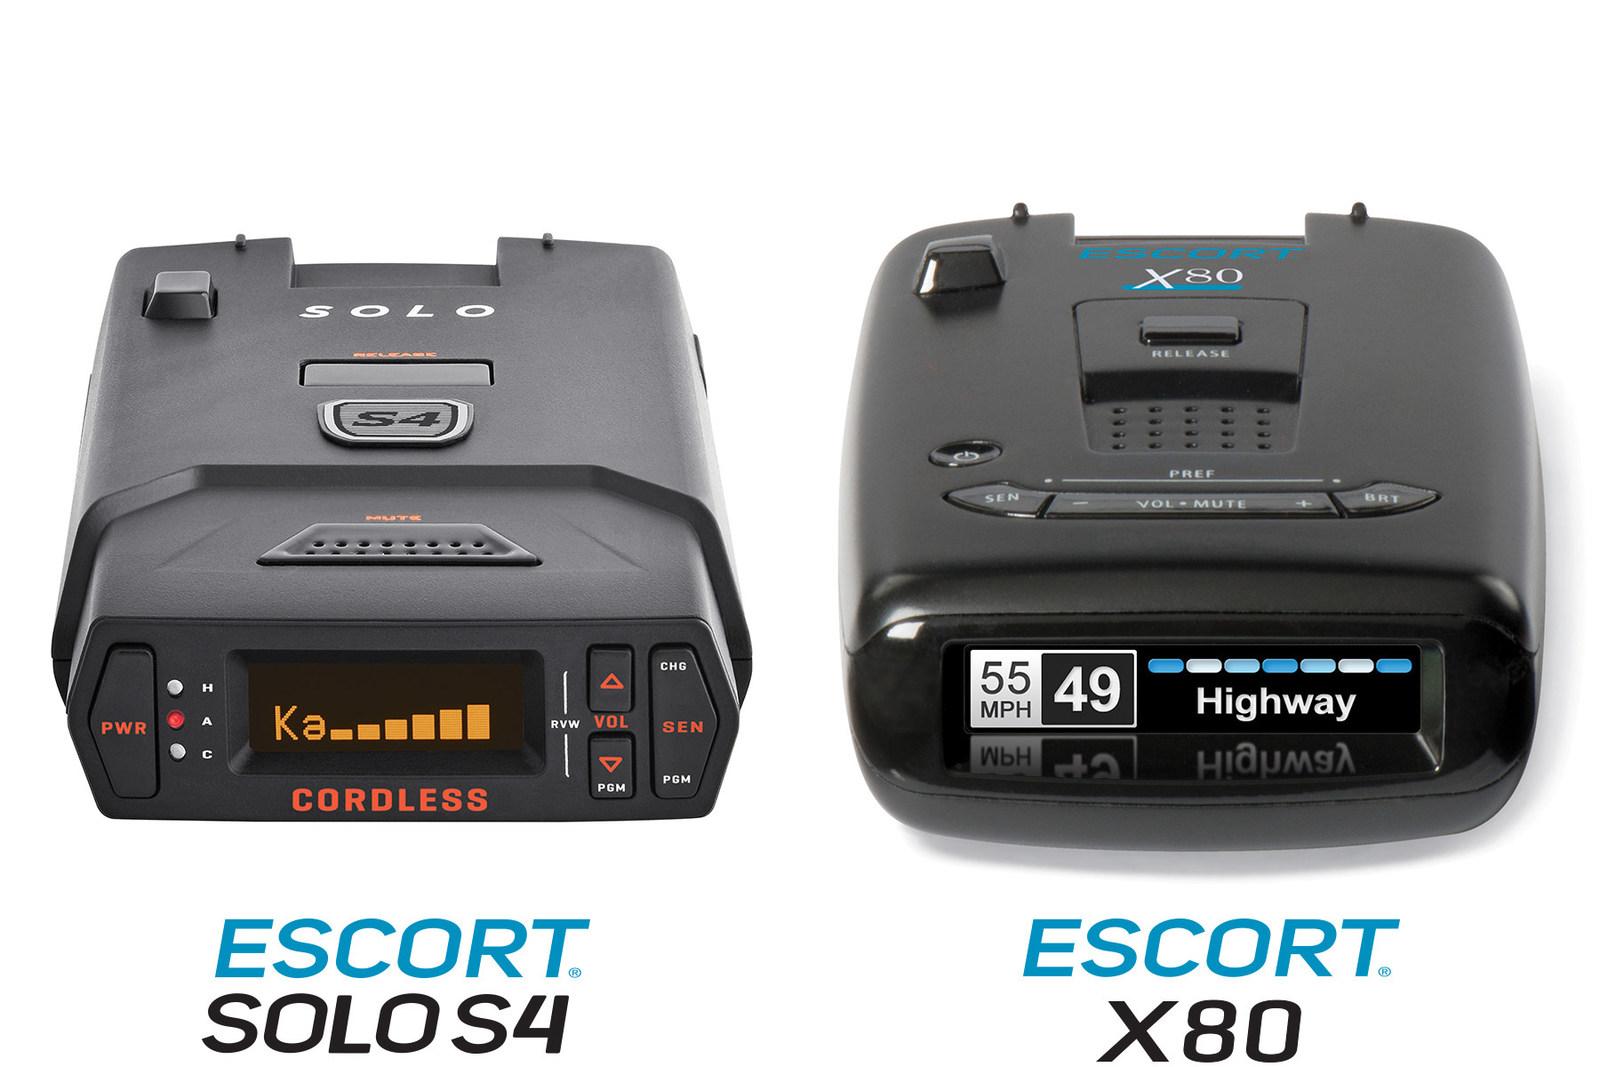 Escort solo s4 cordless radar detector